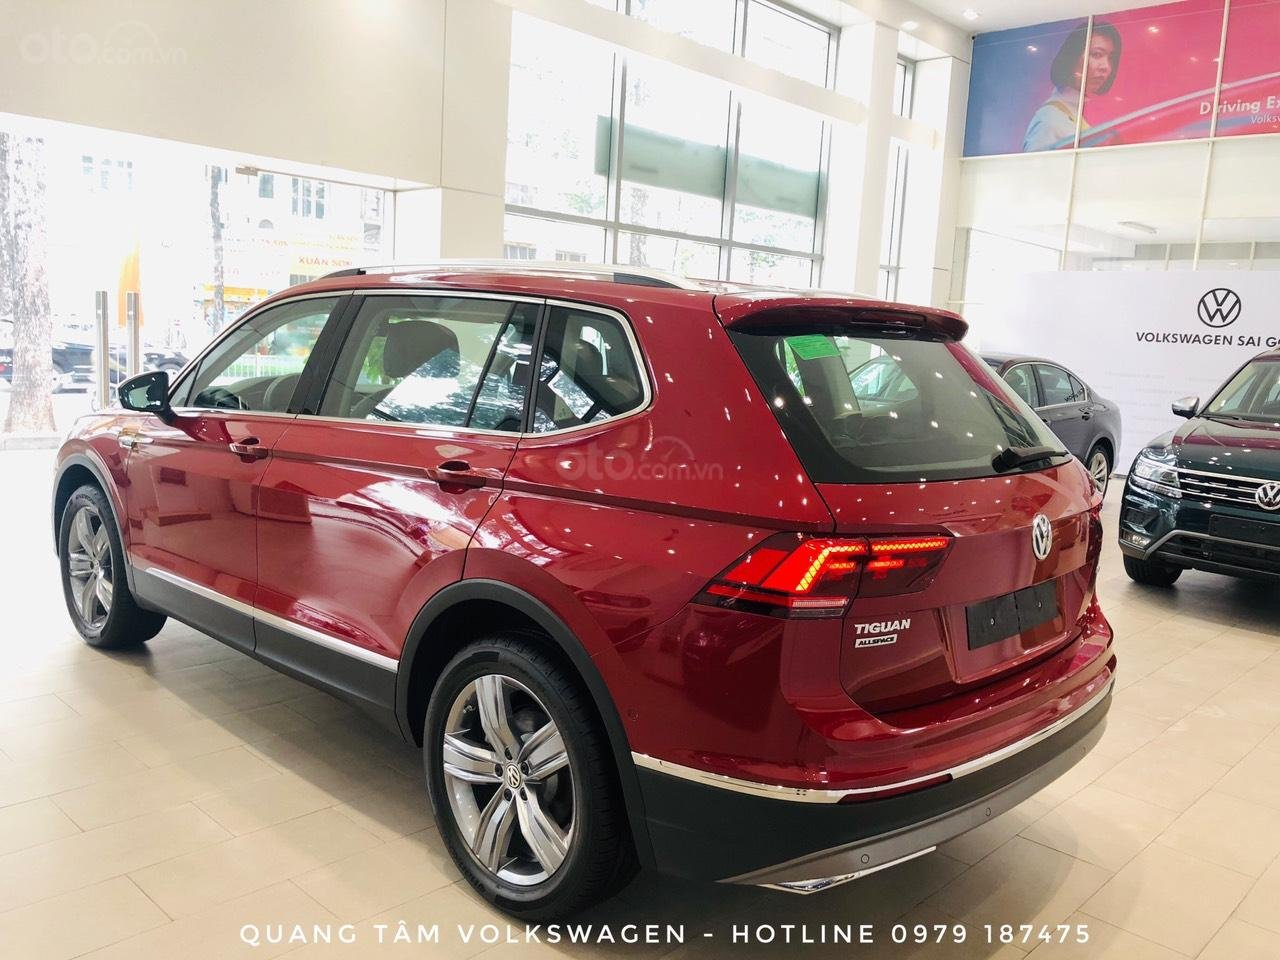 Volkswagen Tiguan Luxury đỏ ruby may mắn, ưu đãi khủng + giao ngay (4)